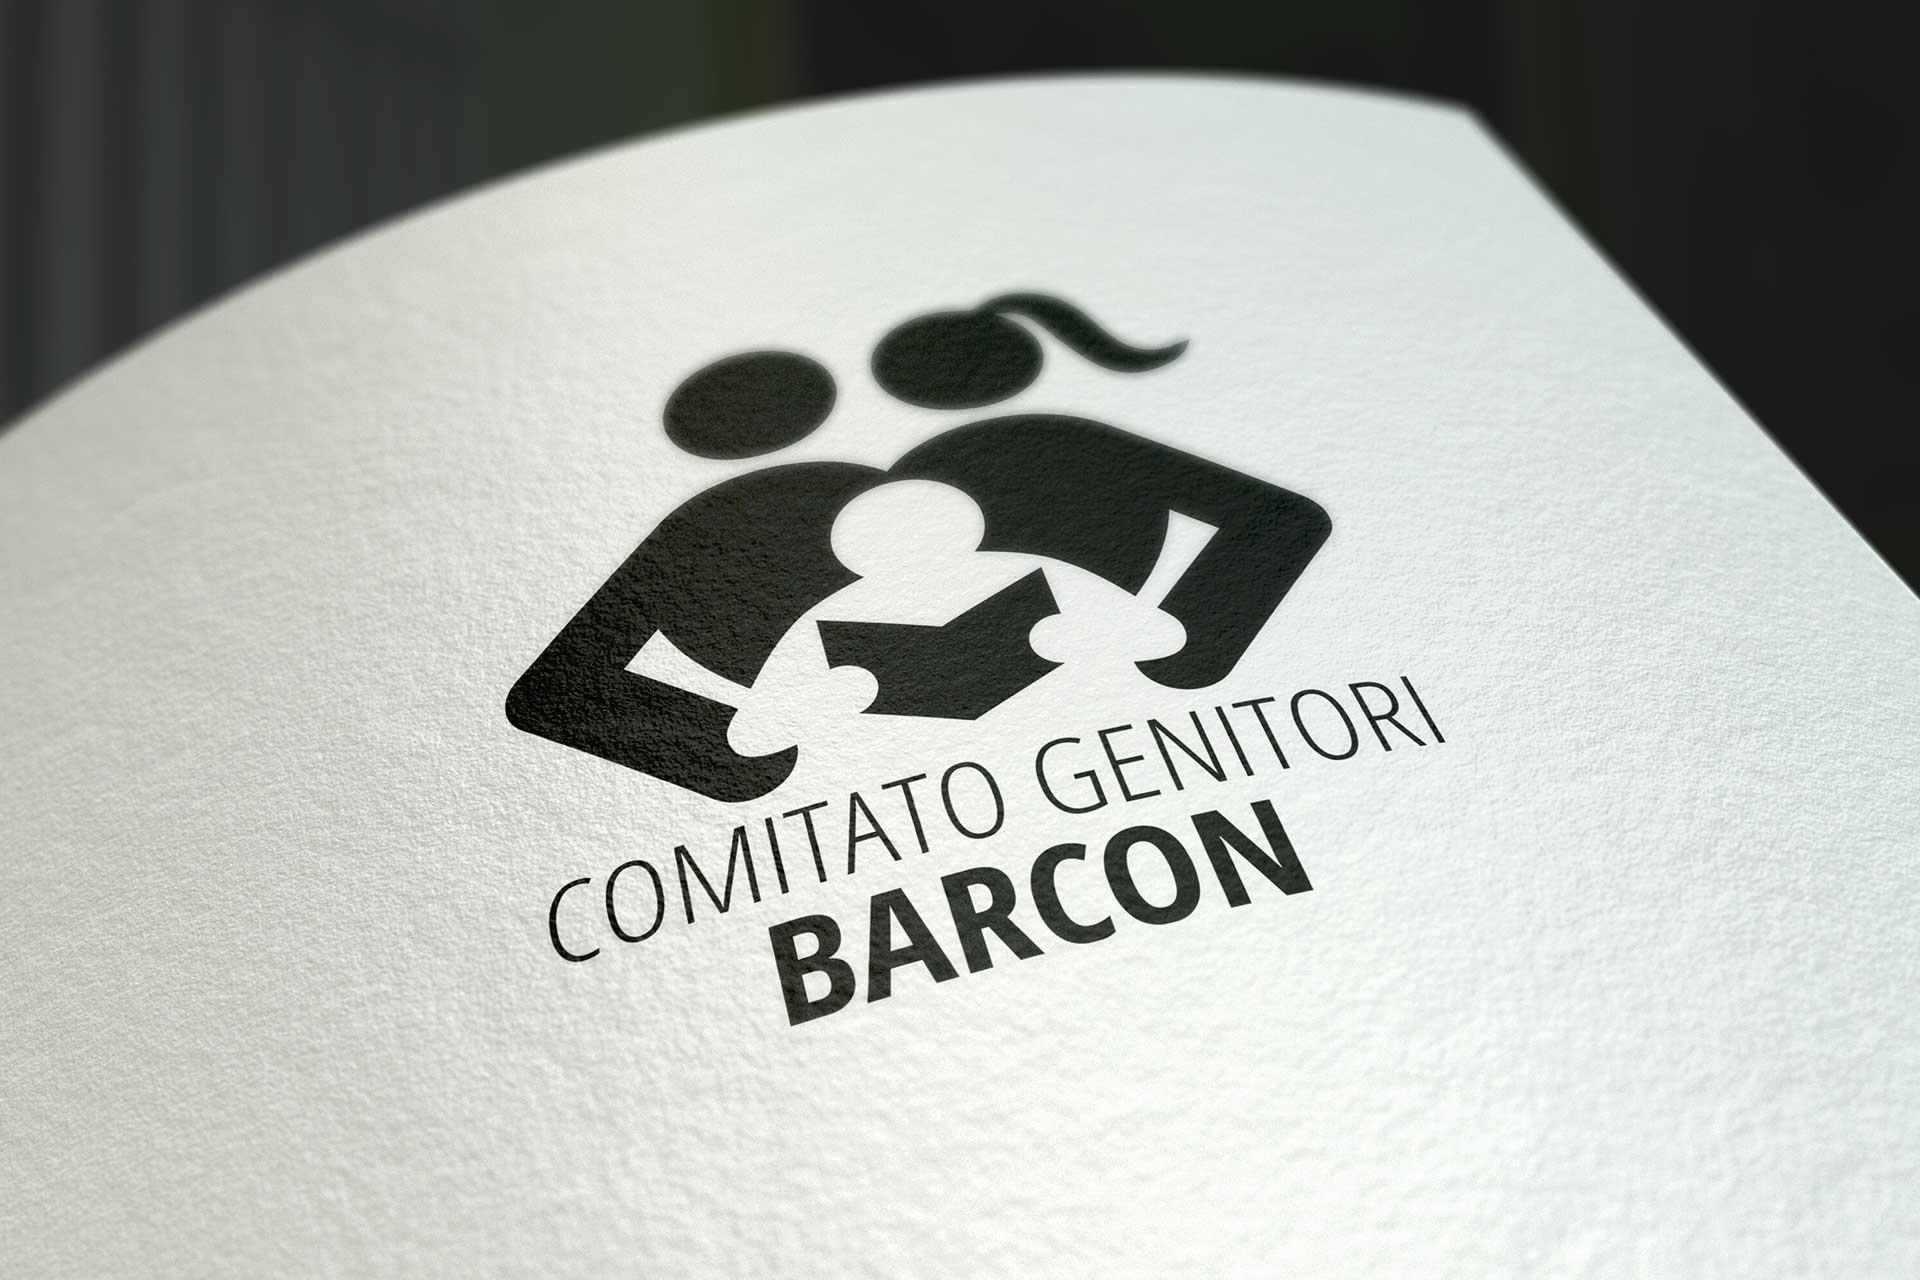 Comitato Genitori Barcon